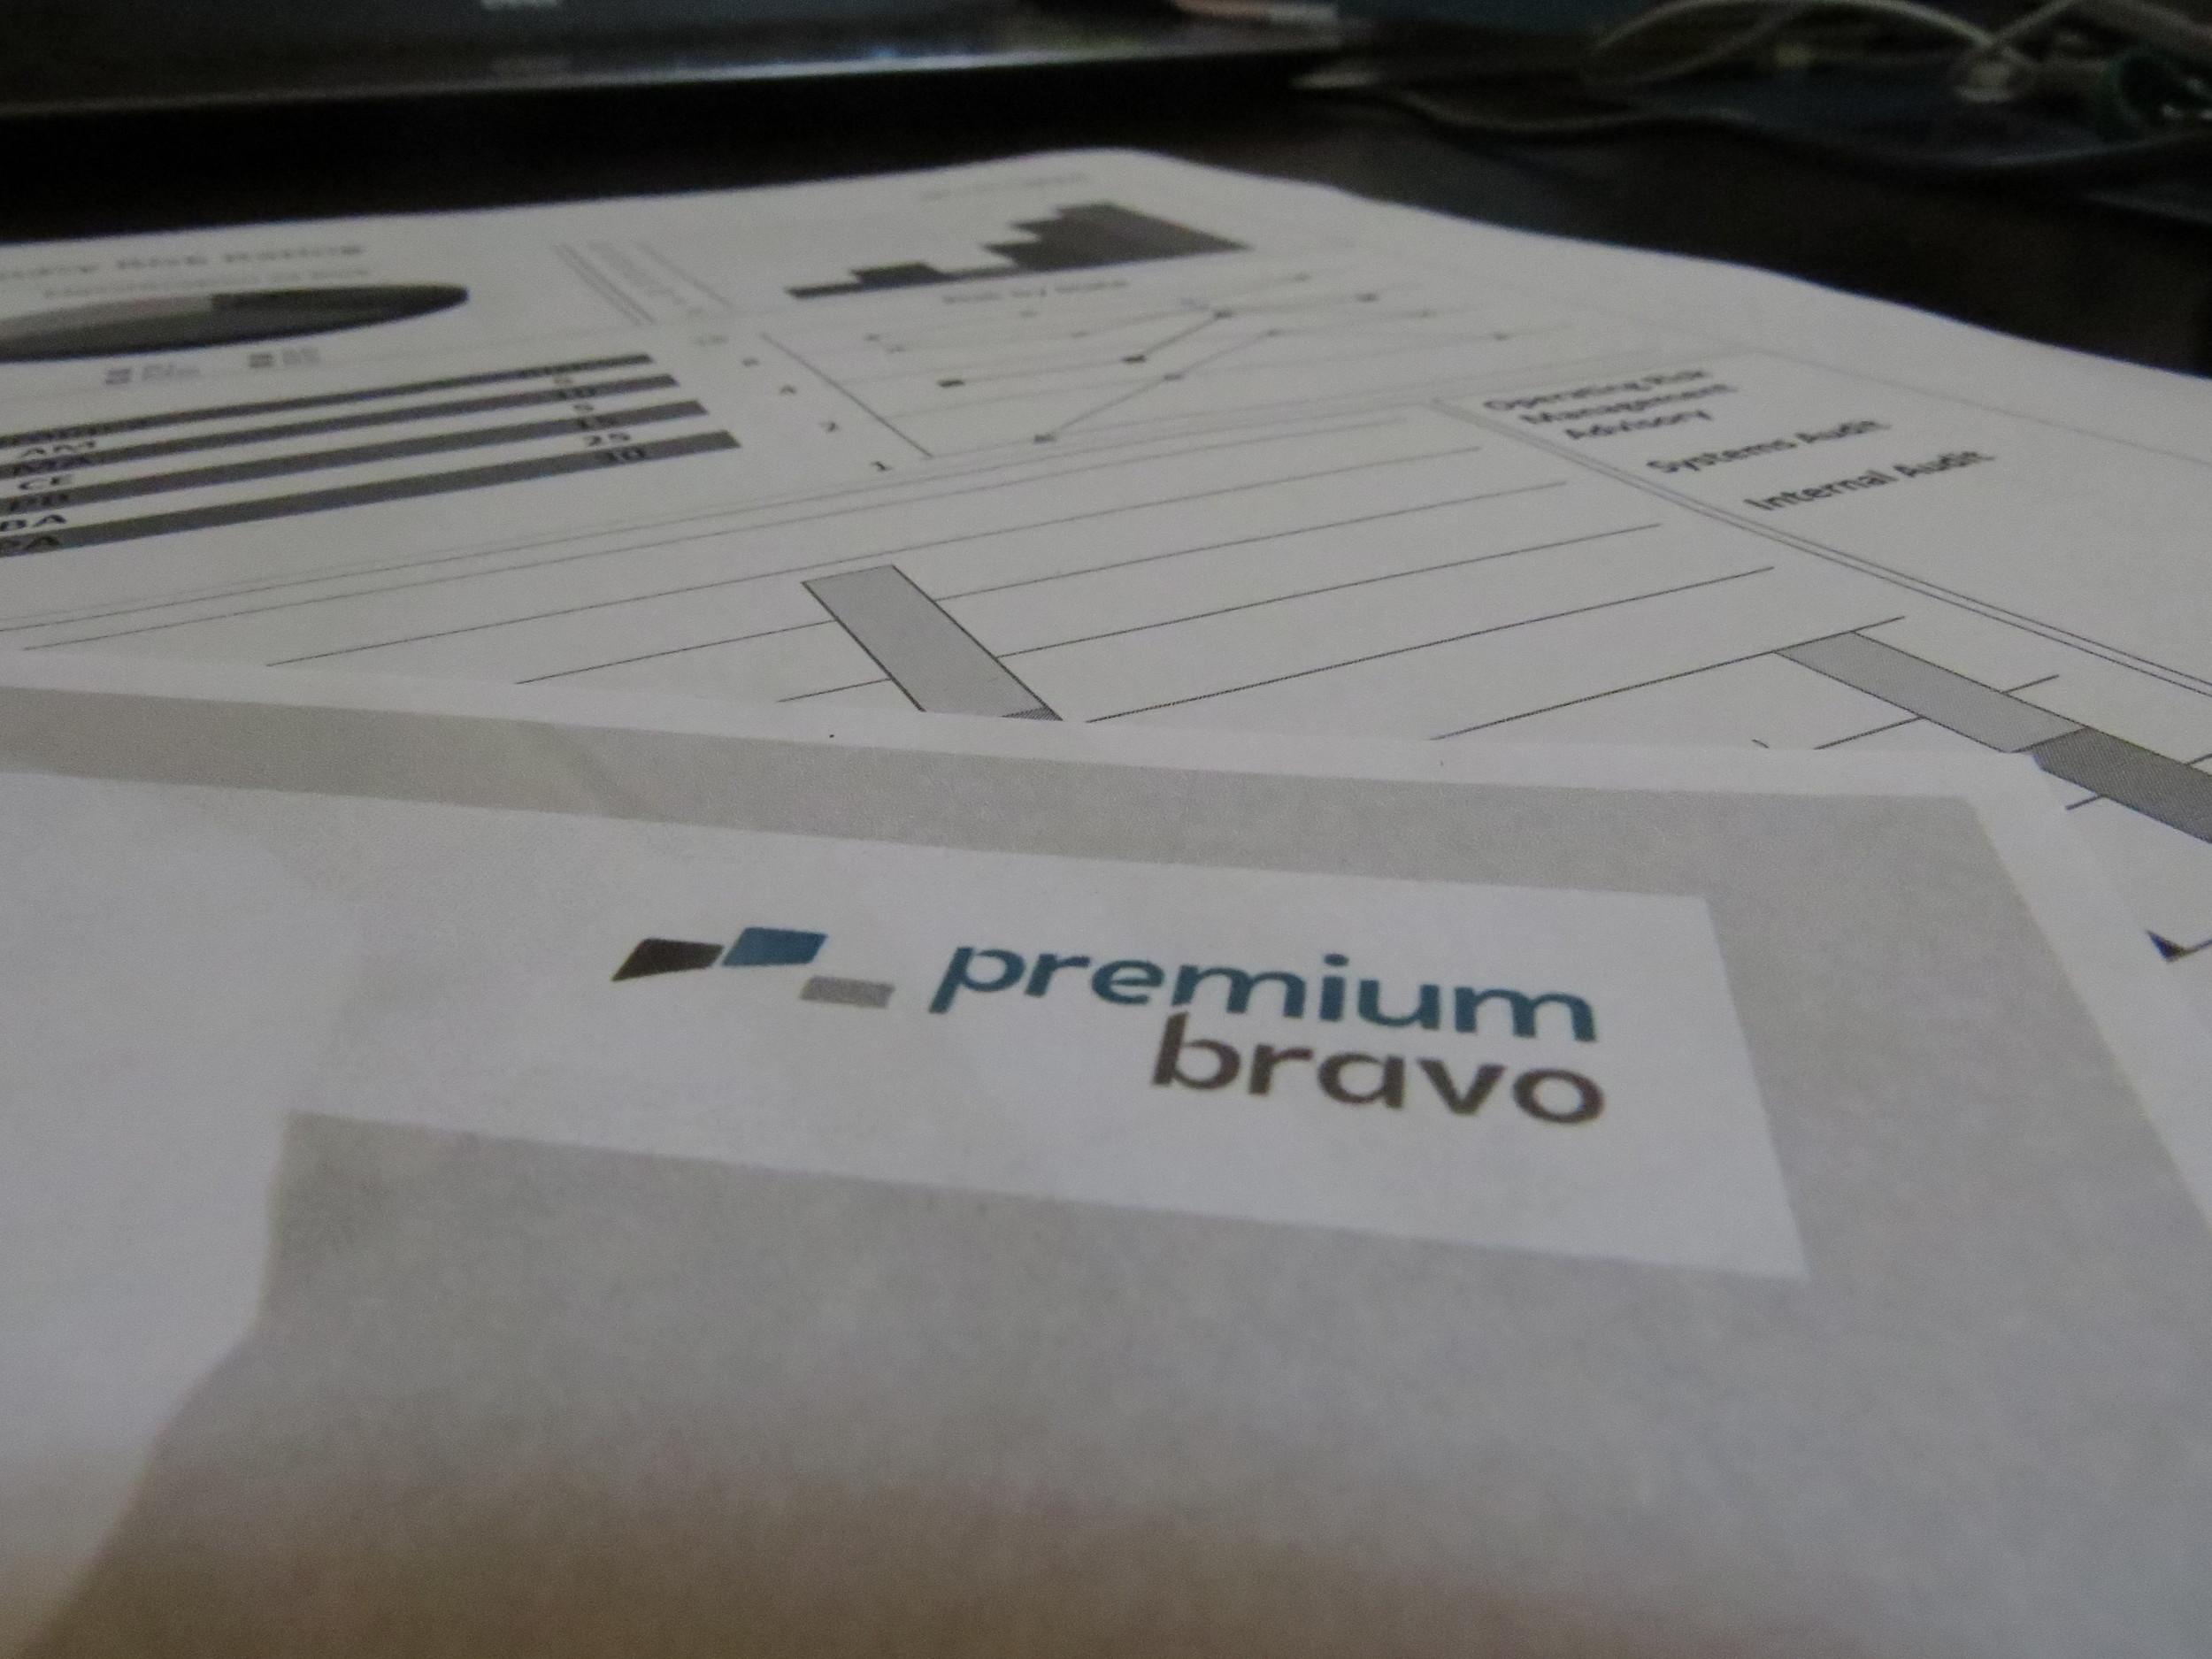 Premiumbravo-gestao-de-riscos-empresariais